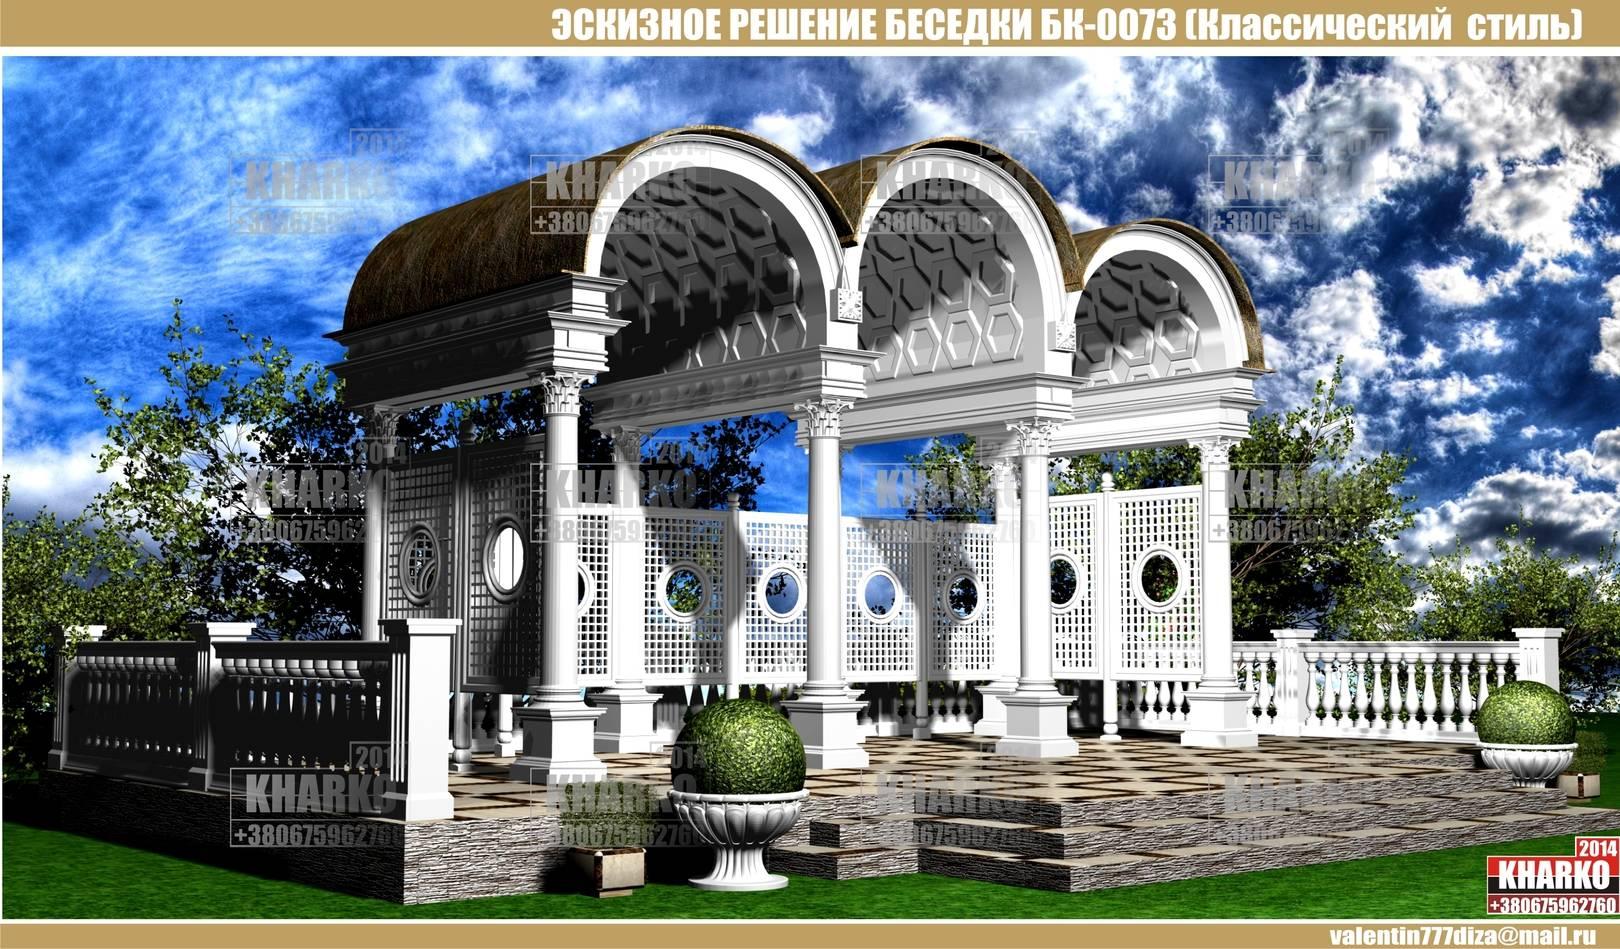 проект беседки БК-0073 (классический стиль), project pergola, gazebo, shed  общая площадь беседки- 25,2м. кв. эксплуатируемая площадь беседки- 23,2 м.кв. габаритные размеры -7,2 м. на 3,5 м. тип фундамента-монолитный ж/б материал наружной стены и бетон, гипс, металл тип кровли-металл Наружная отделка цоколя -декоративный камень Стоимость проекта- 2200 грн.